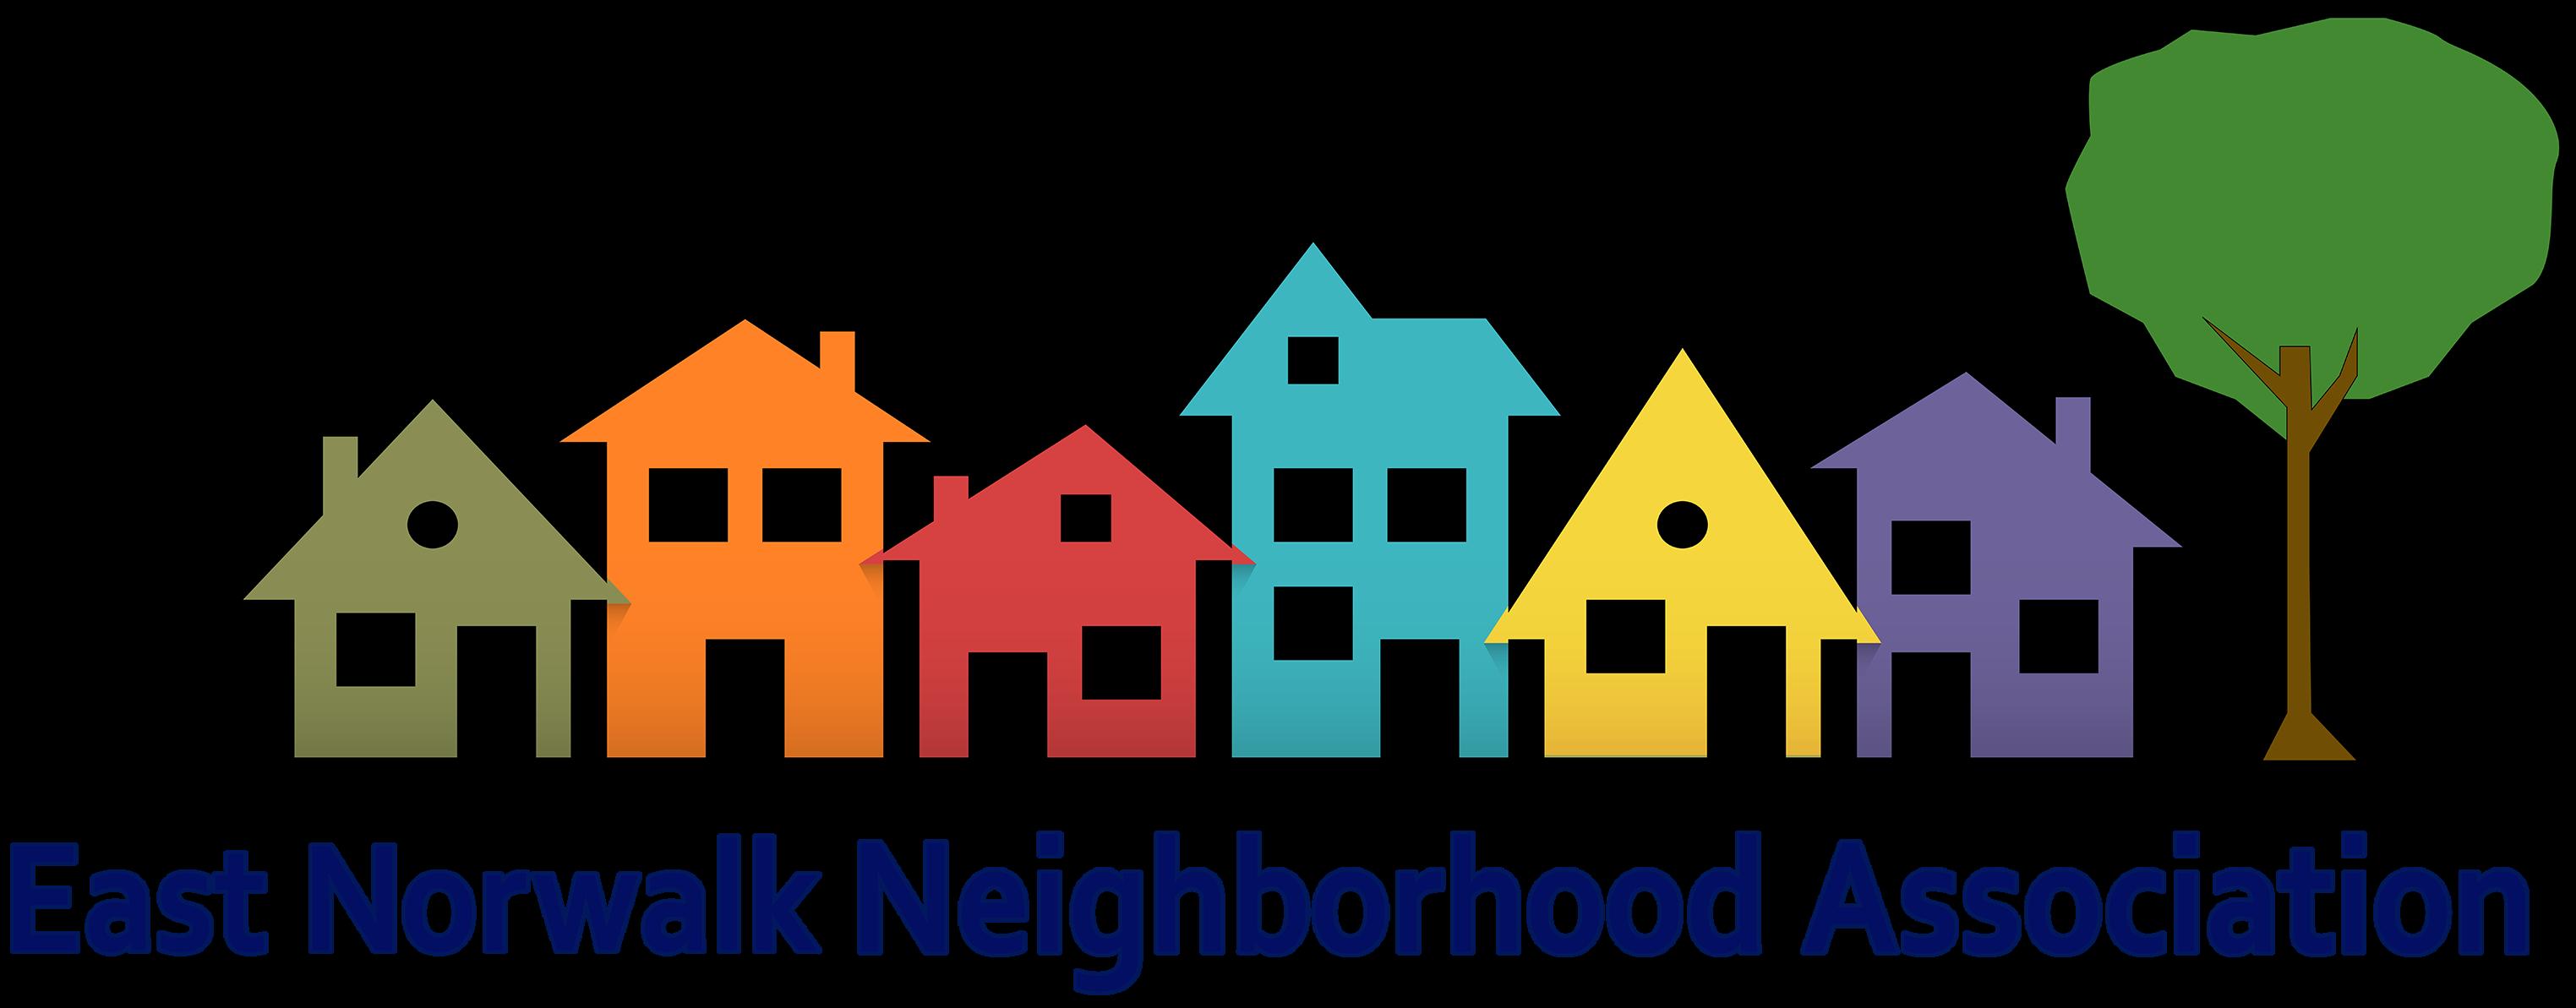 Logo for East Norwalk Neighborhood Association